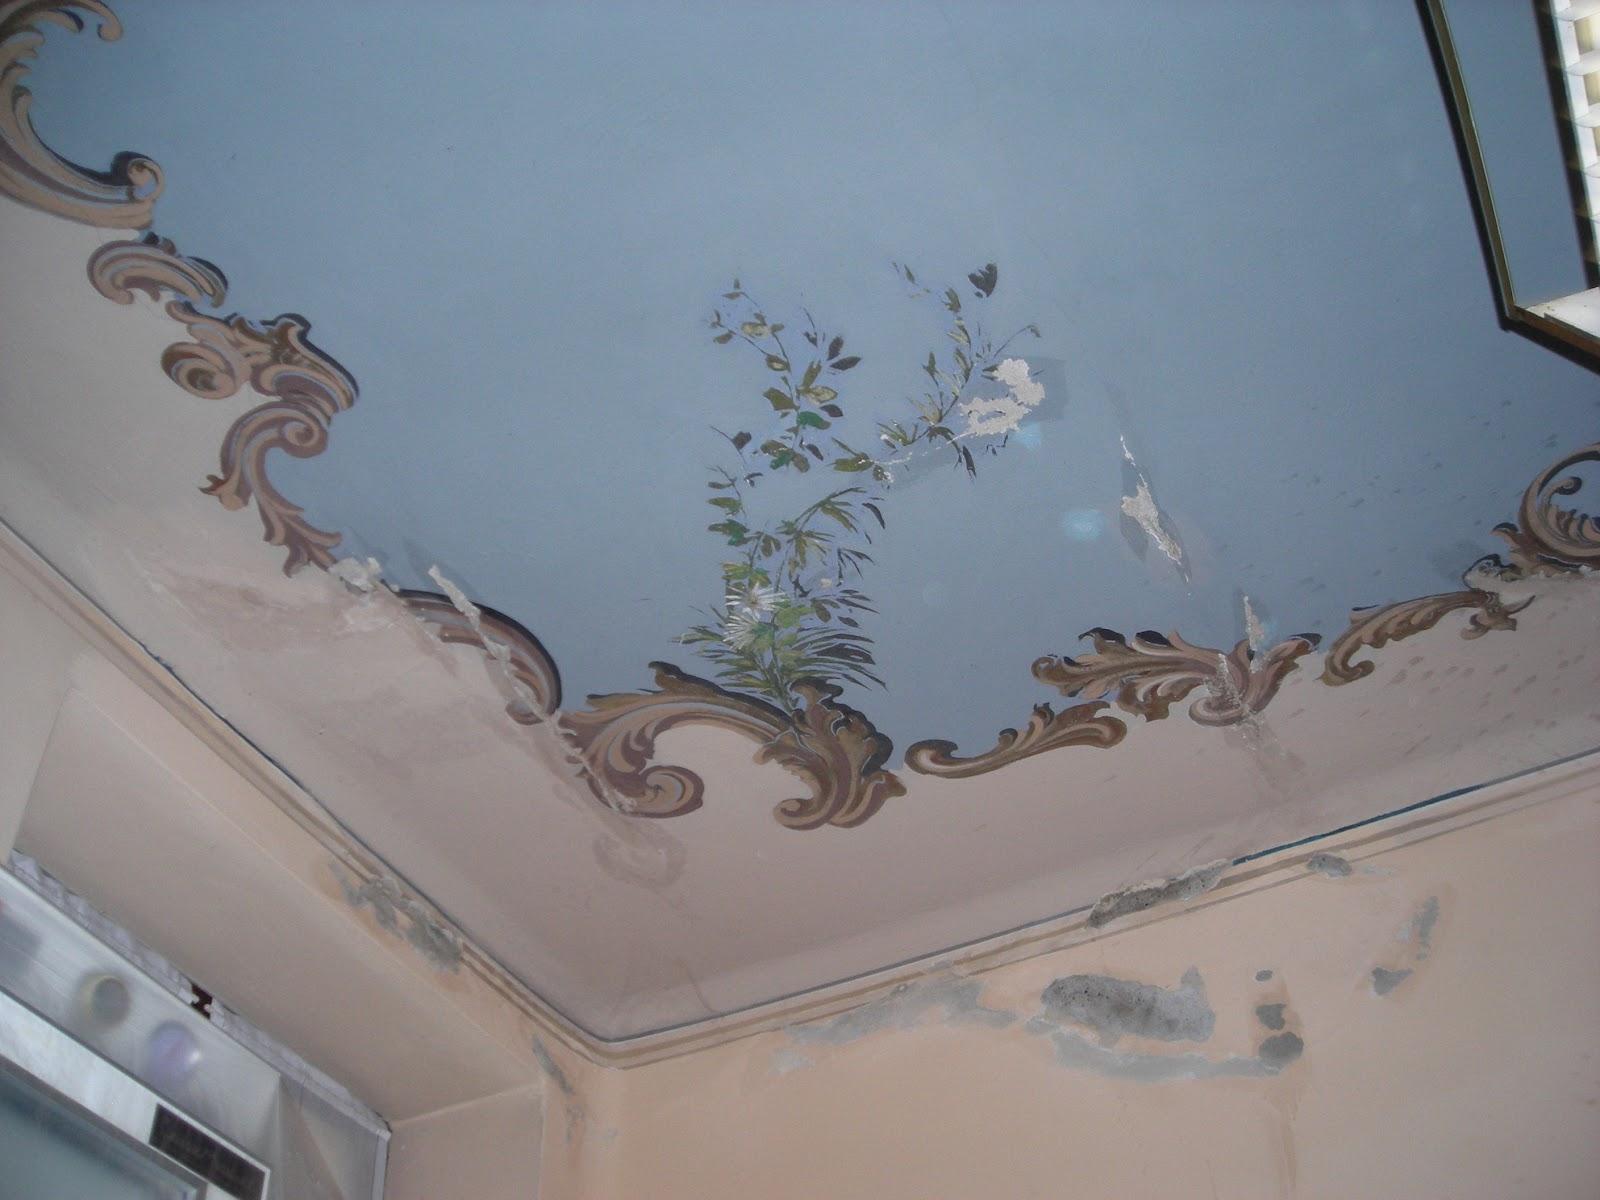 Artemusa decorazioni restauro soffitto con fiori e ornato